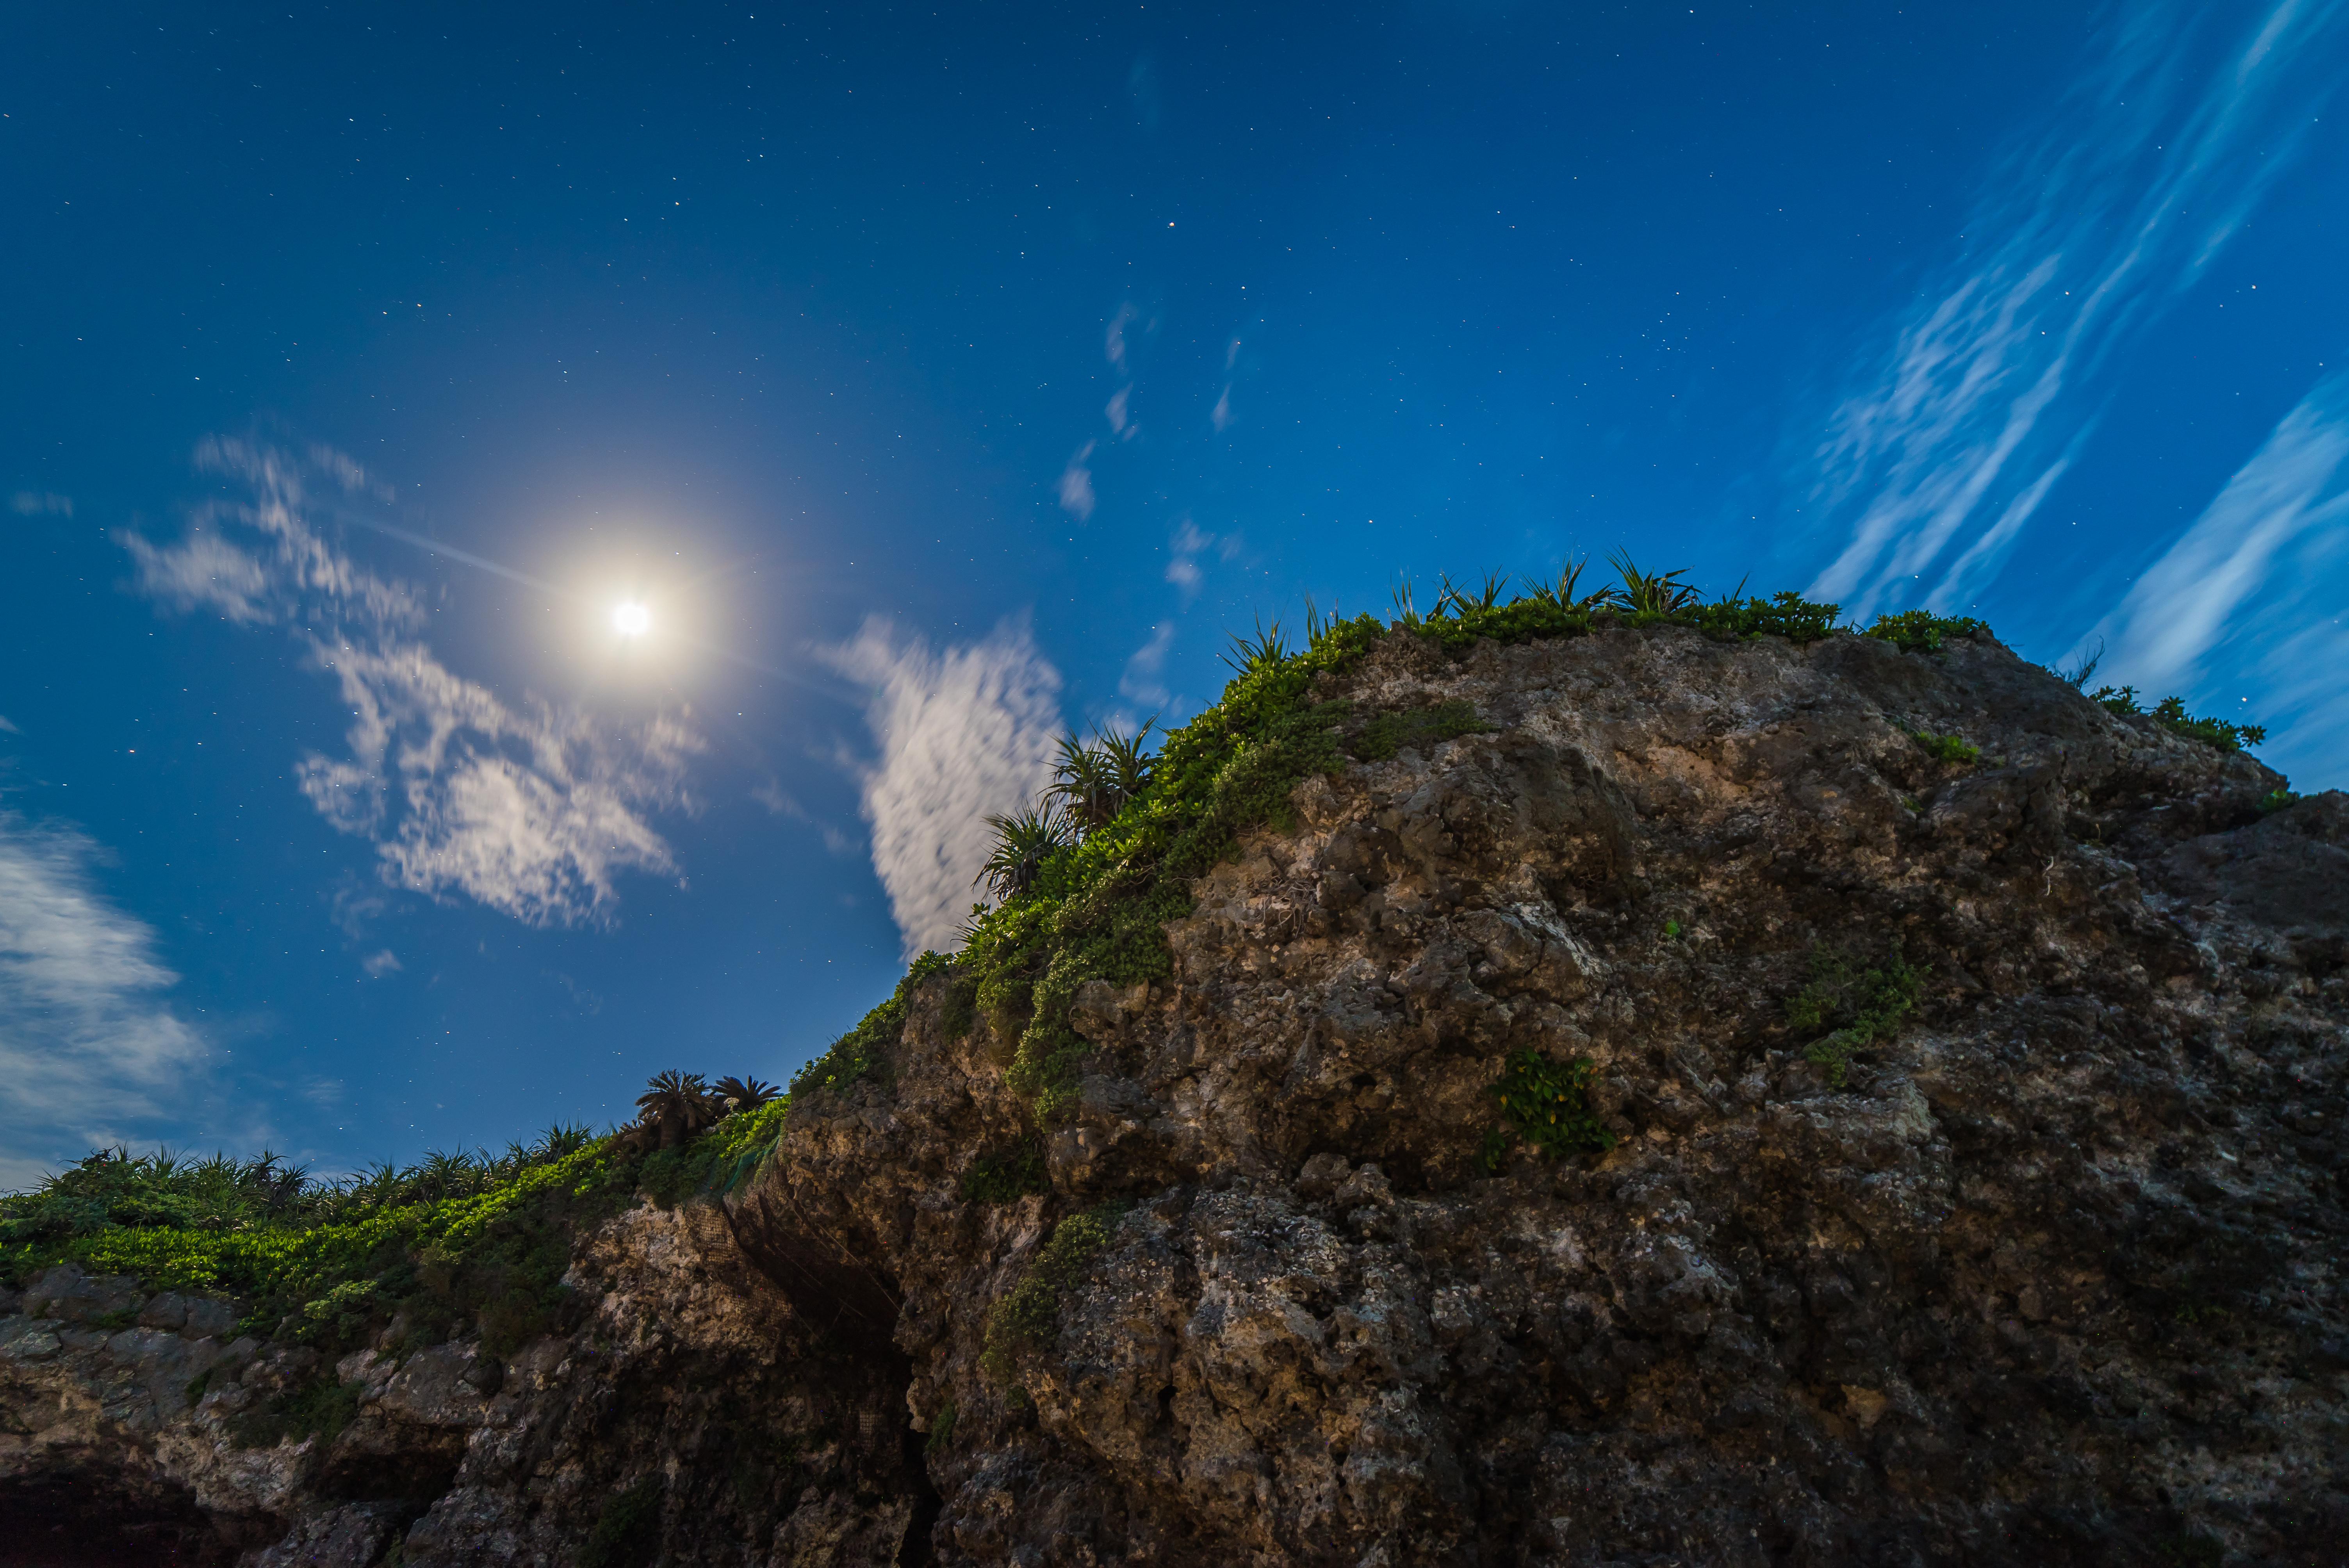 カッパドキア観光の見どころ!地下都市の秘密?気球体験&現地ツアーも人気!